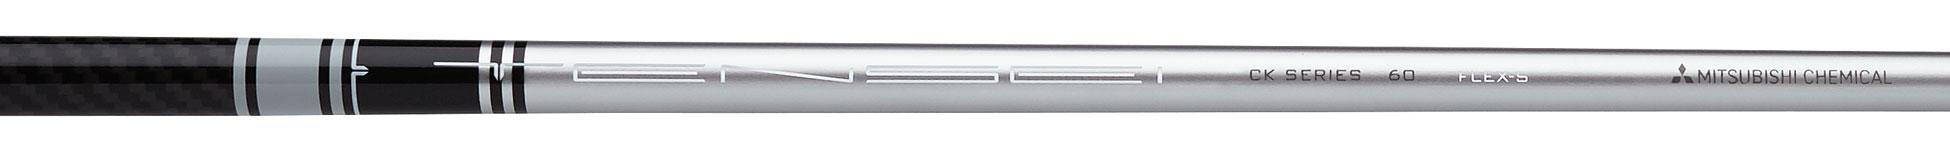 Mitsubishi CK Tensei White 70 gram Shaft